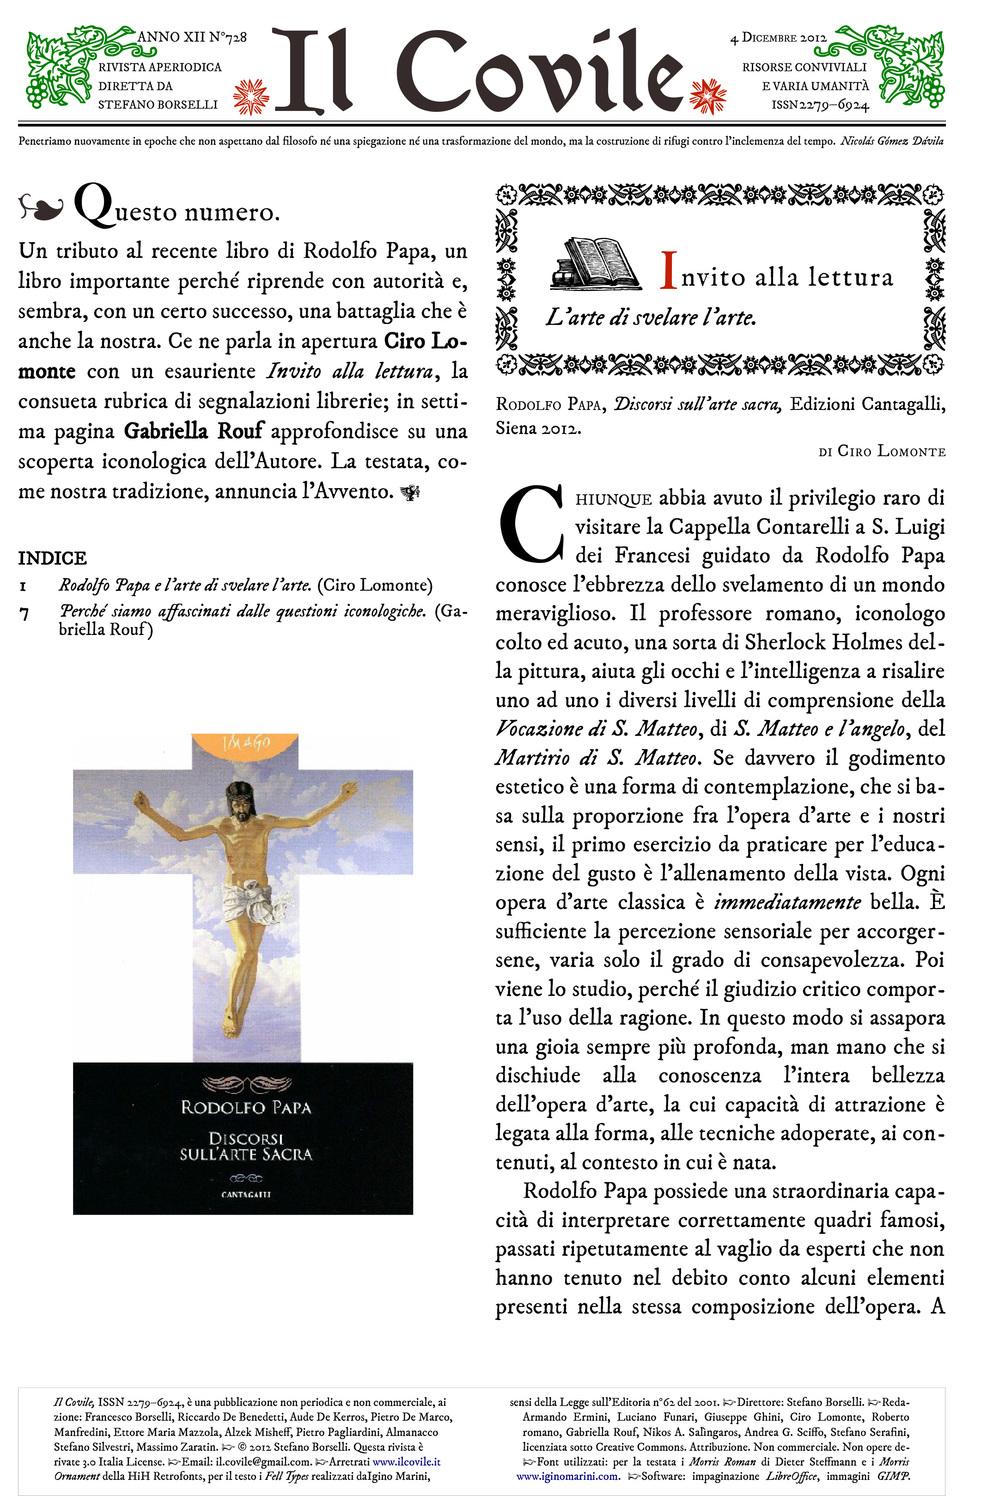 2012-Covile-Ciro-Lomonte.jpg